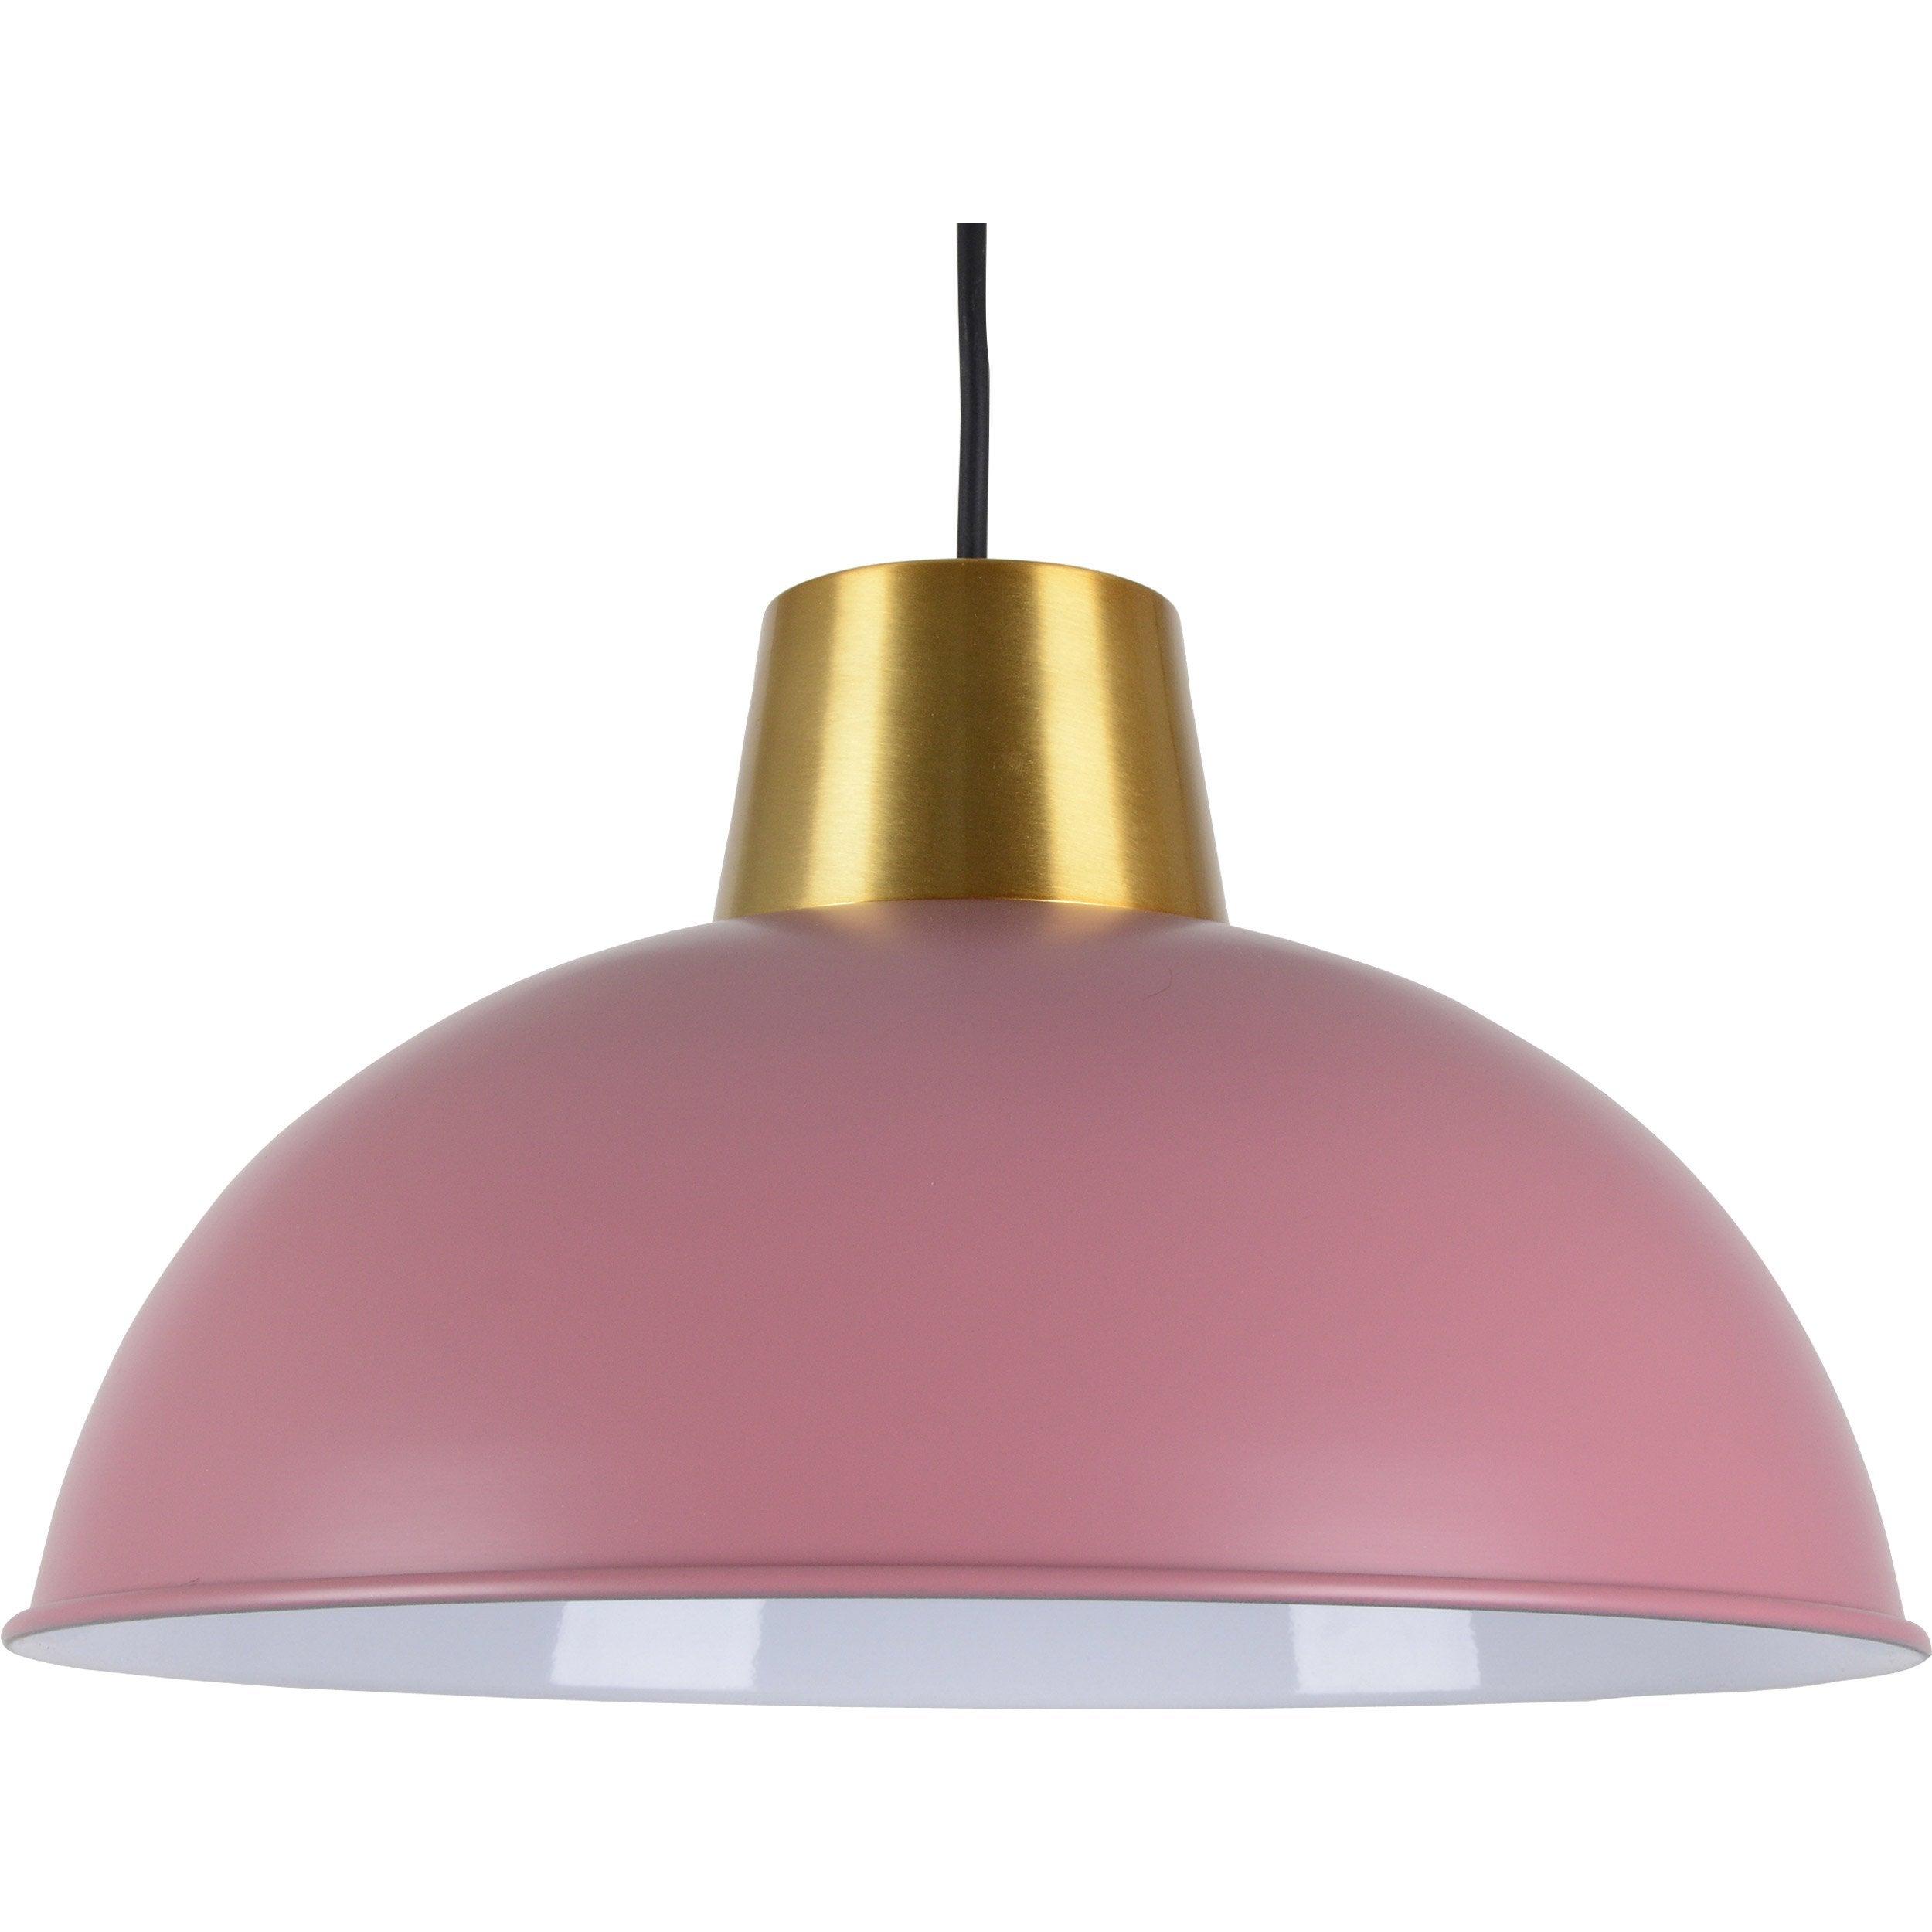 Suspension métal rose/laiton BOUDET Marsdor 1 lumière(s) D.31 cm